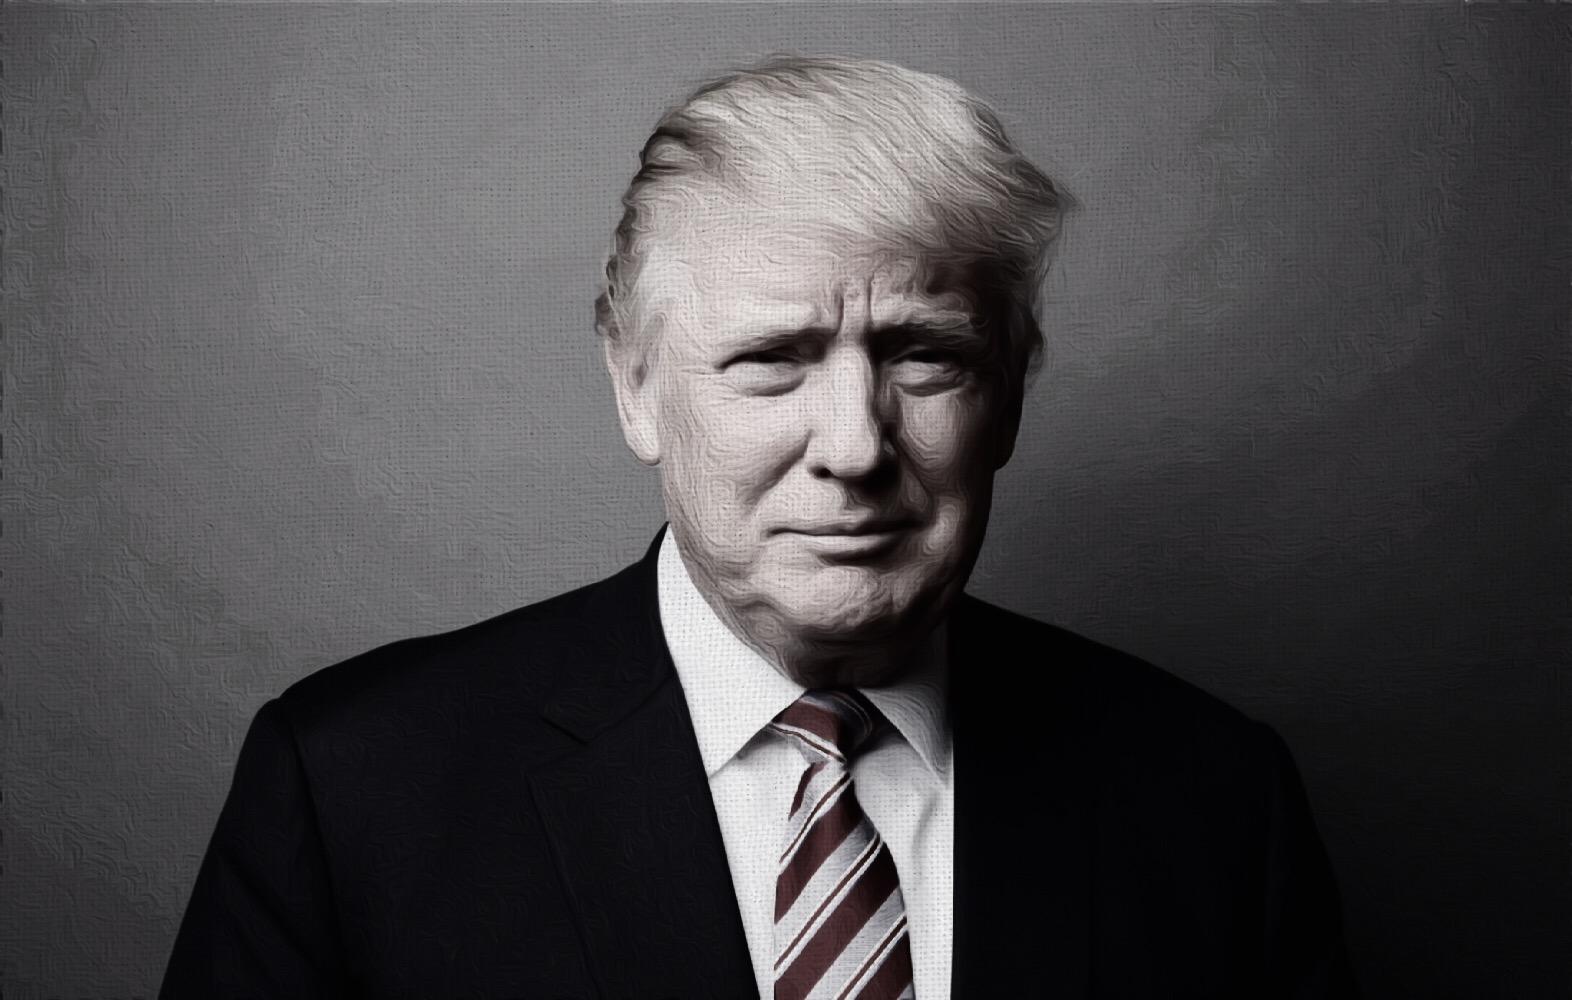 Trump Black and White